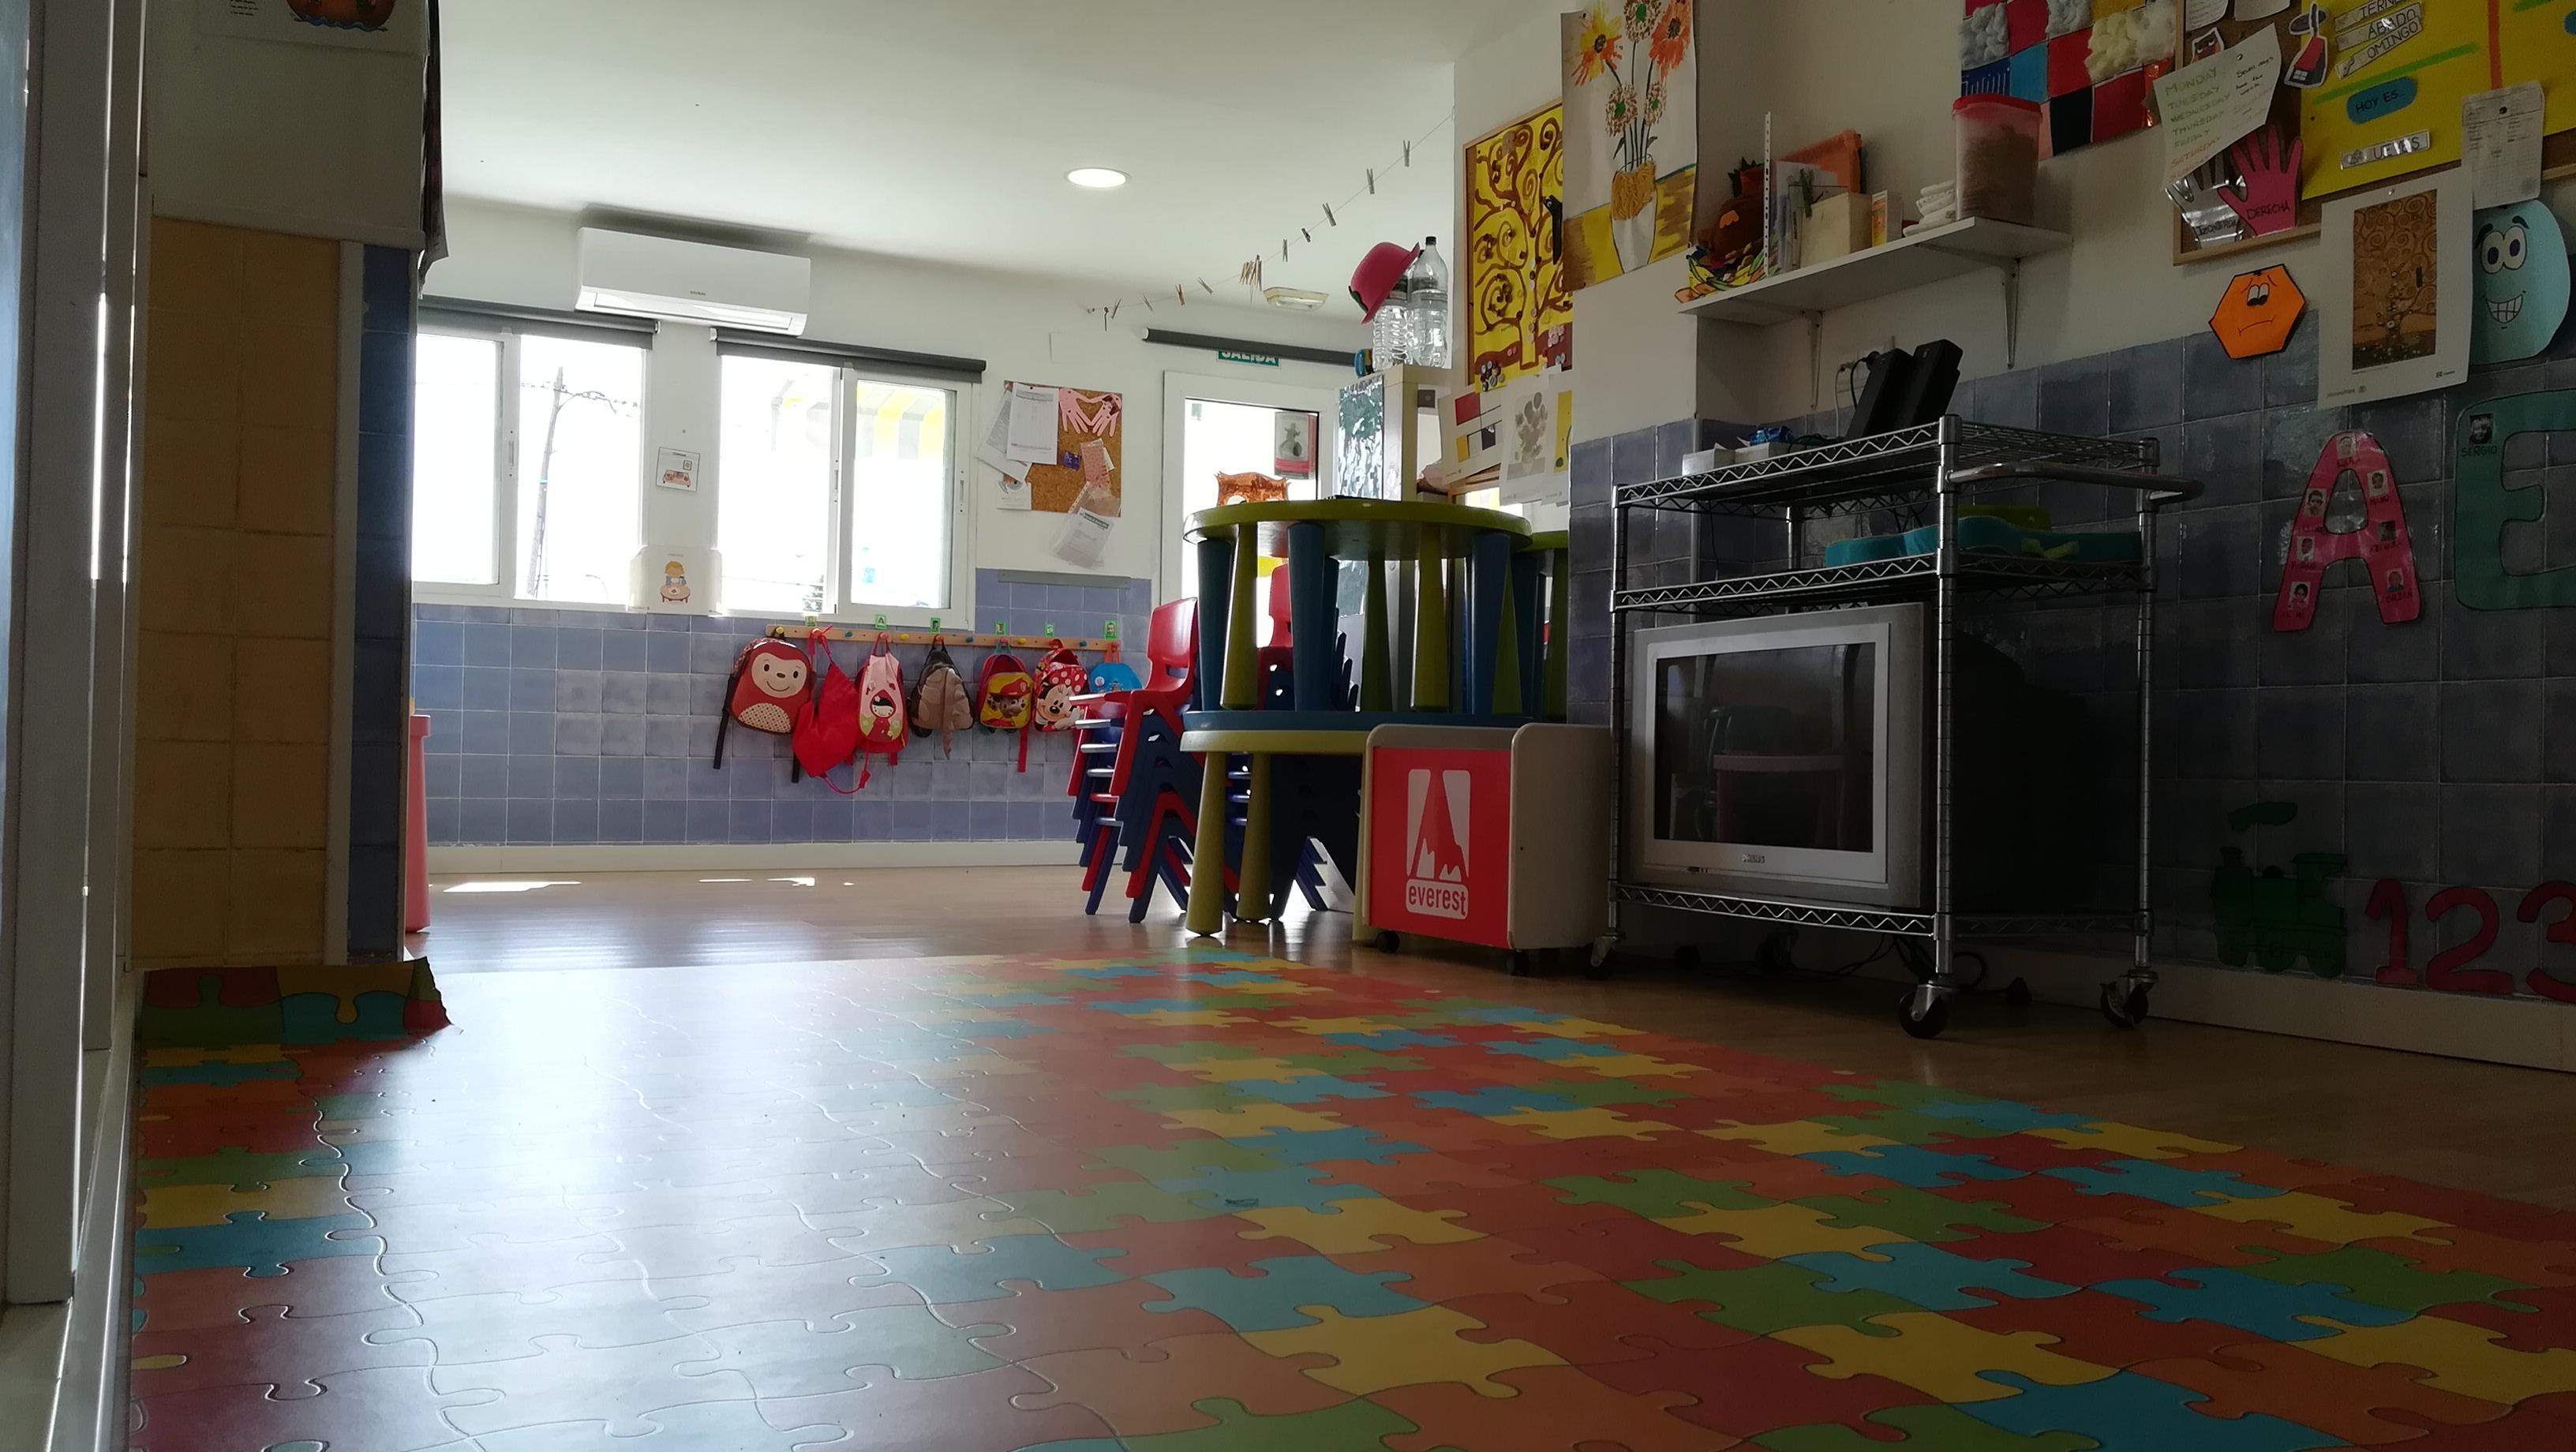 menta escuela infantil valencia pobla vallbona Eliana guarderia guarderia niños bebé primer ciclov